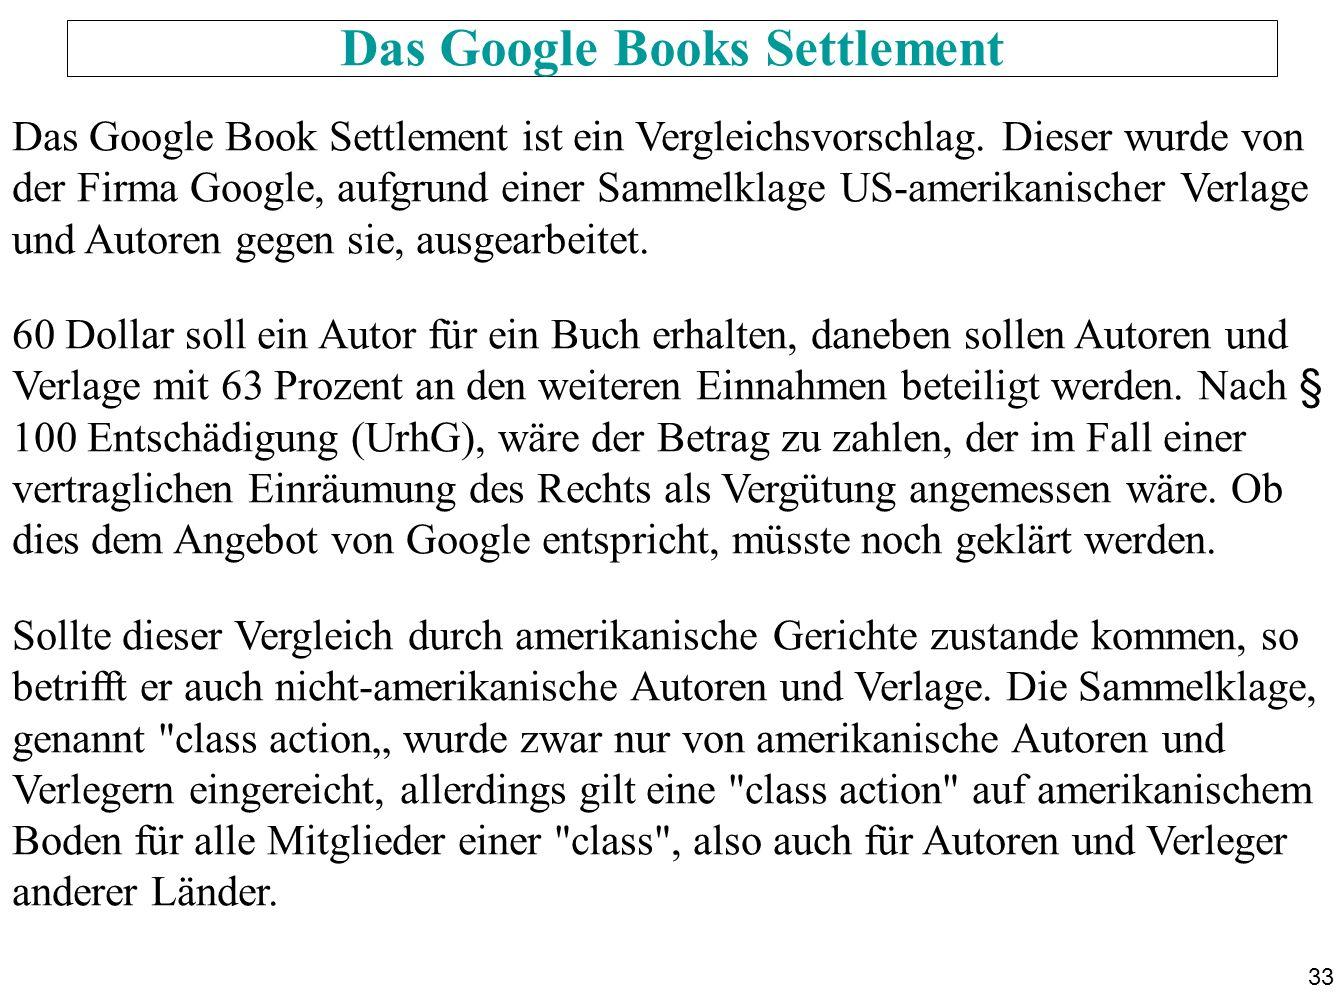 33 Das Google Books Settlement Das Google Book Settlement ist ein Vergleichsvorschlag. Dieser wurde von der Firma Google, aufgrund einer Sammelklage U